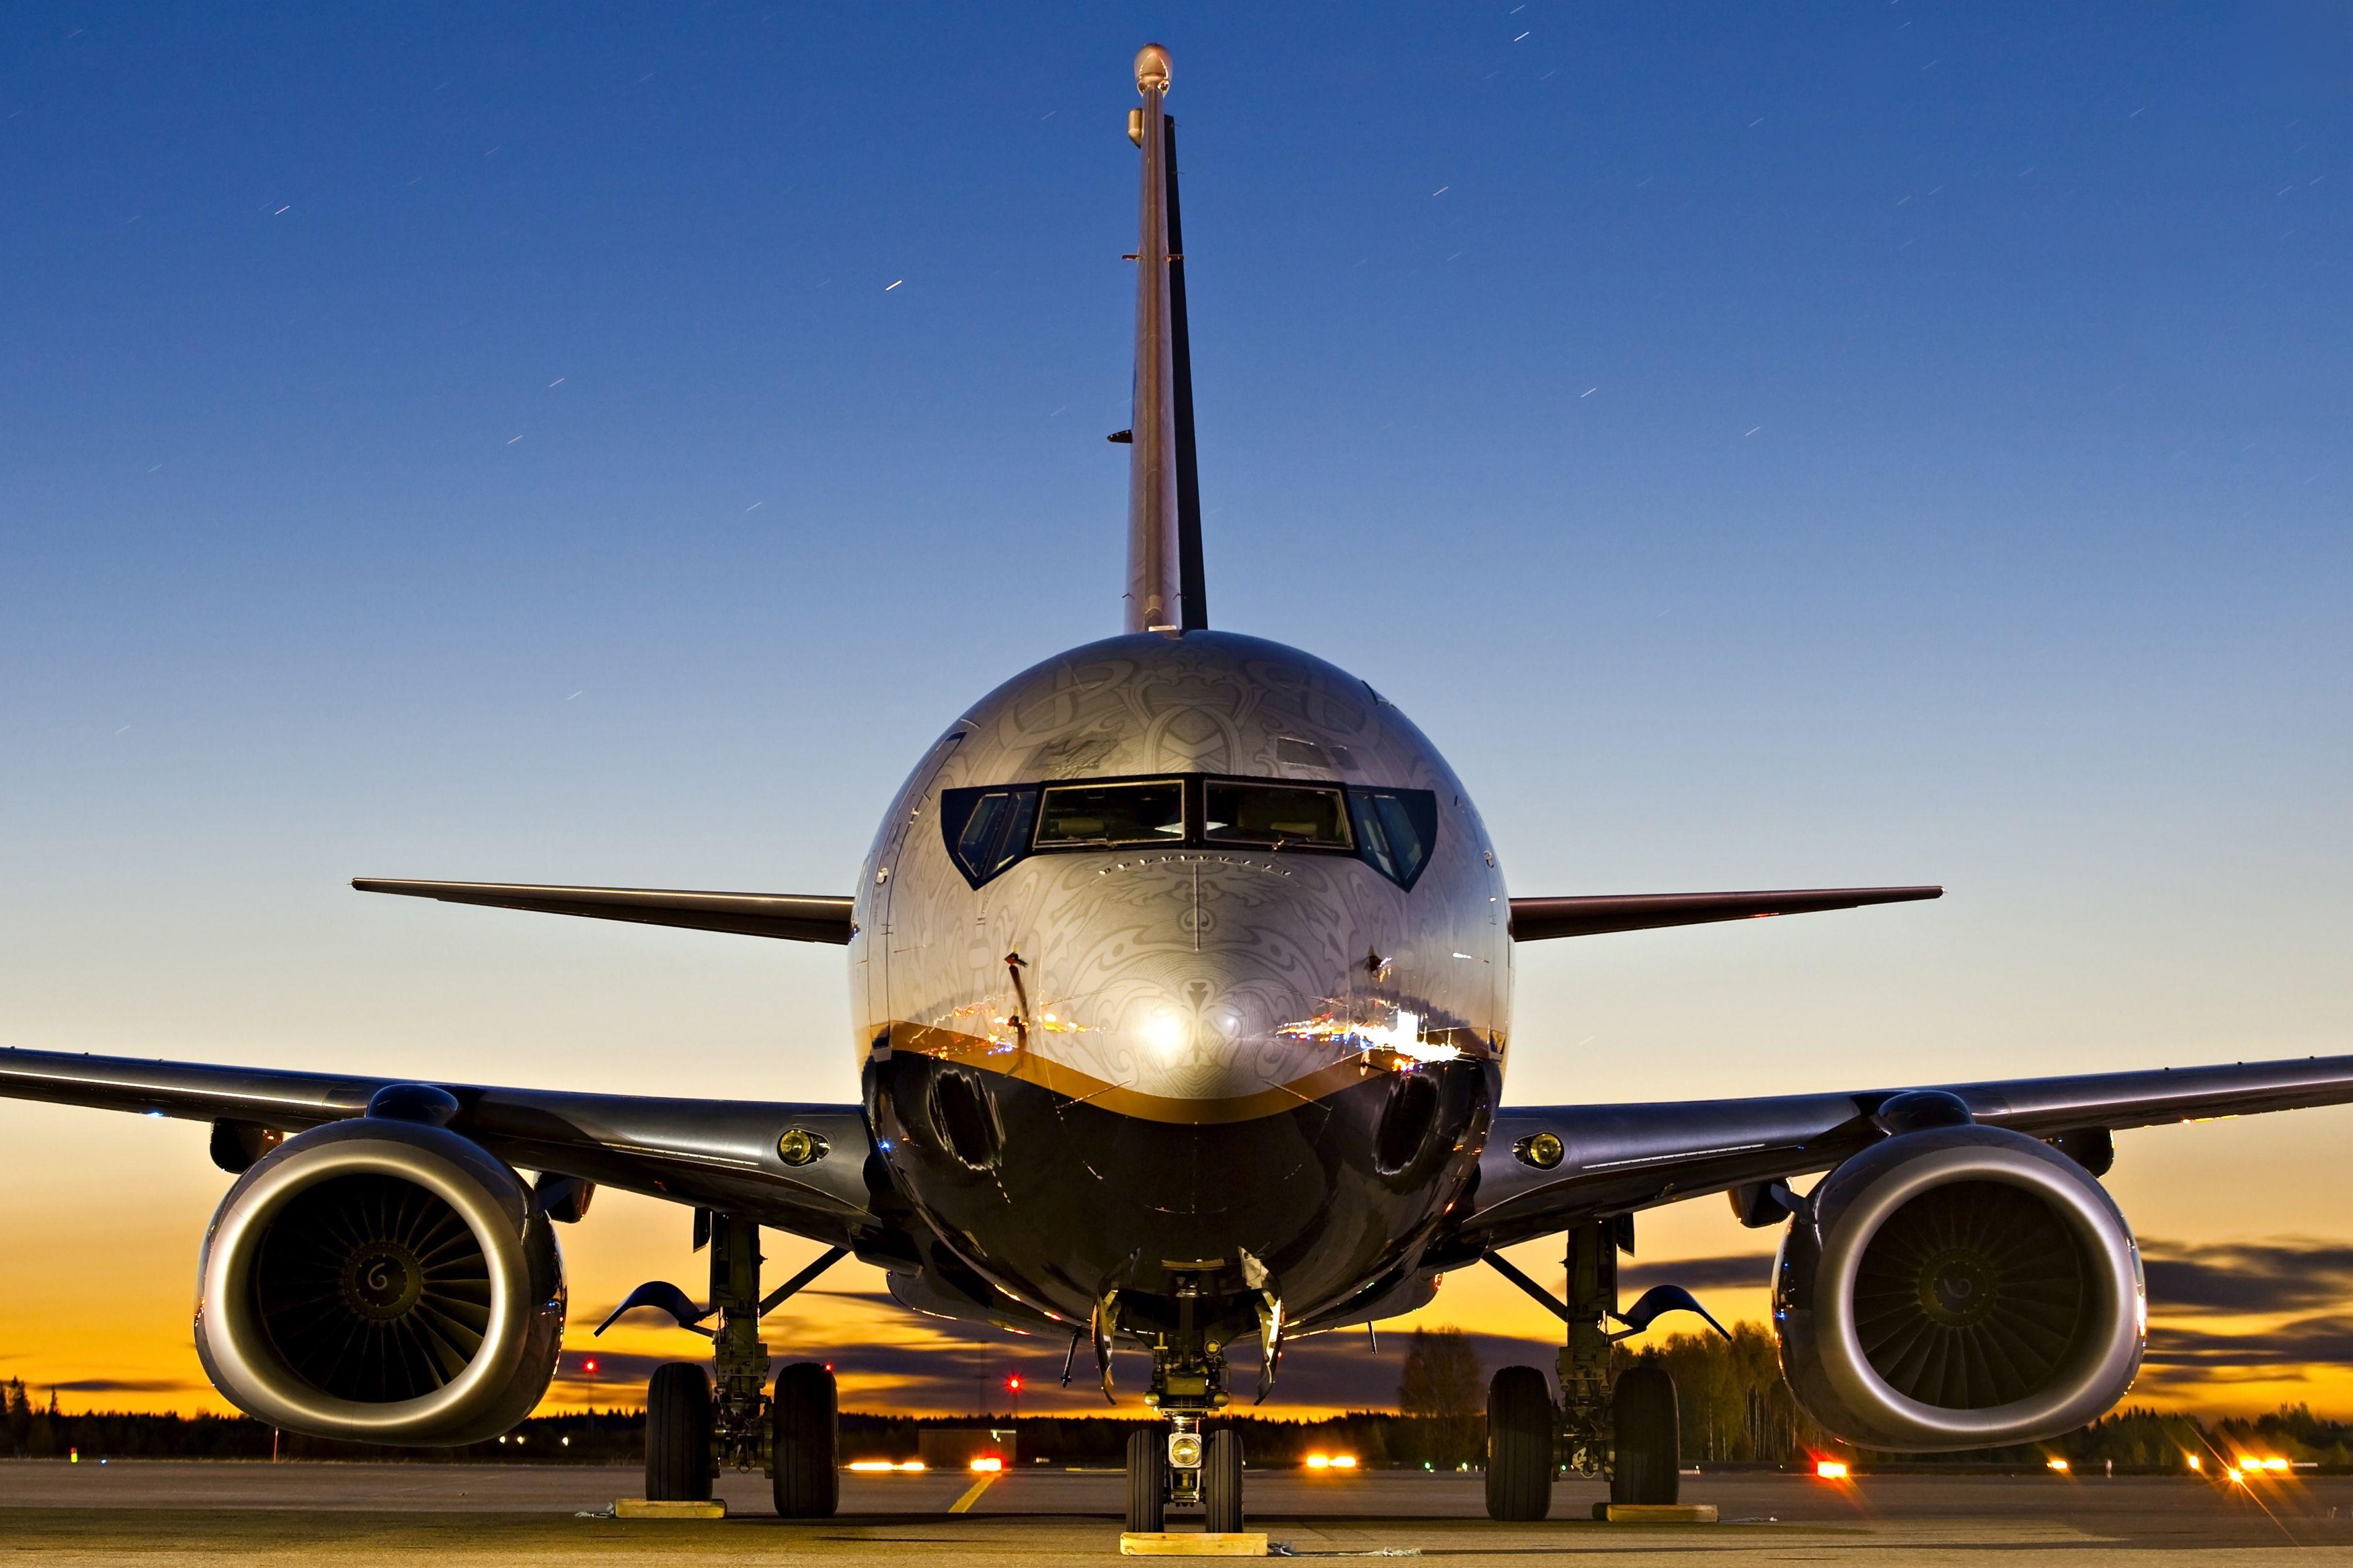 AirportDetails Air charter, Jet, Aircraft